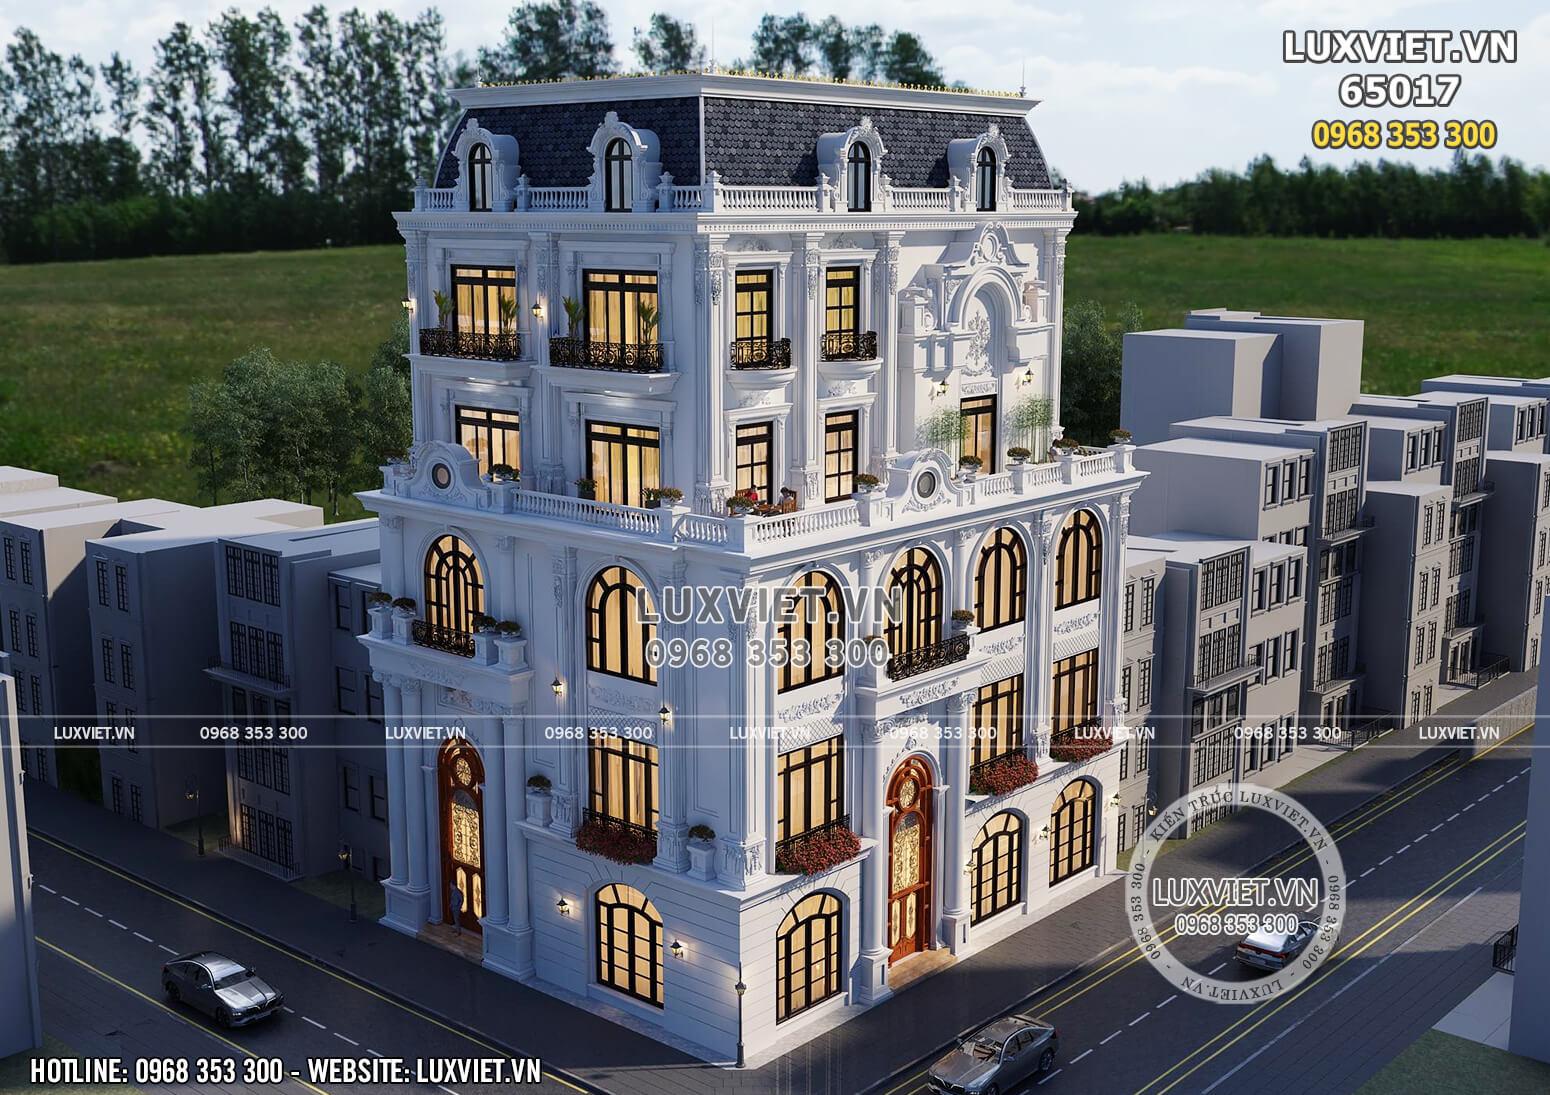 Mẫu thiết kế tòa nhà văn phòng kết hợp kinh doanh nổi bật với 2 mặt tiền